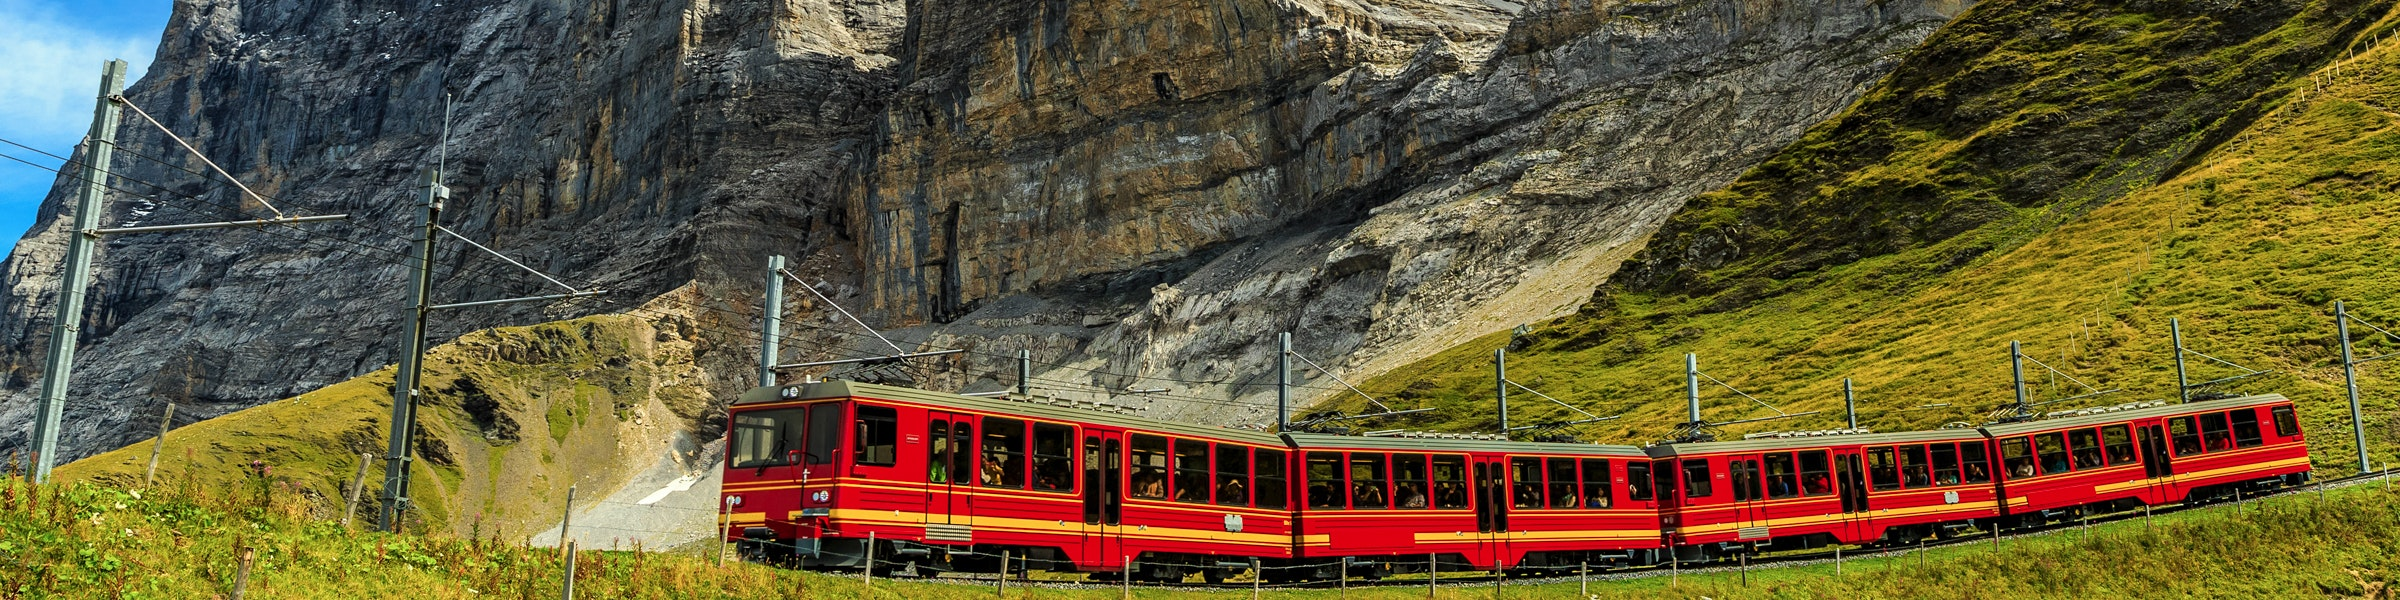 Jungfraujoch-Zug bei Kleine Scheidegg